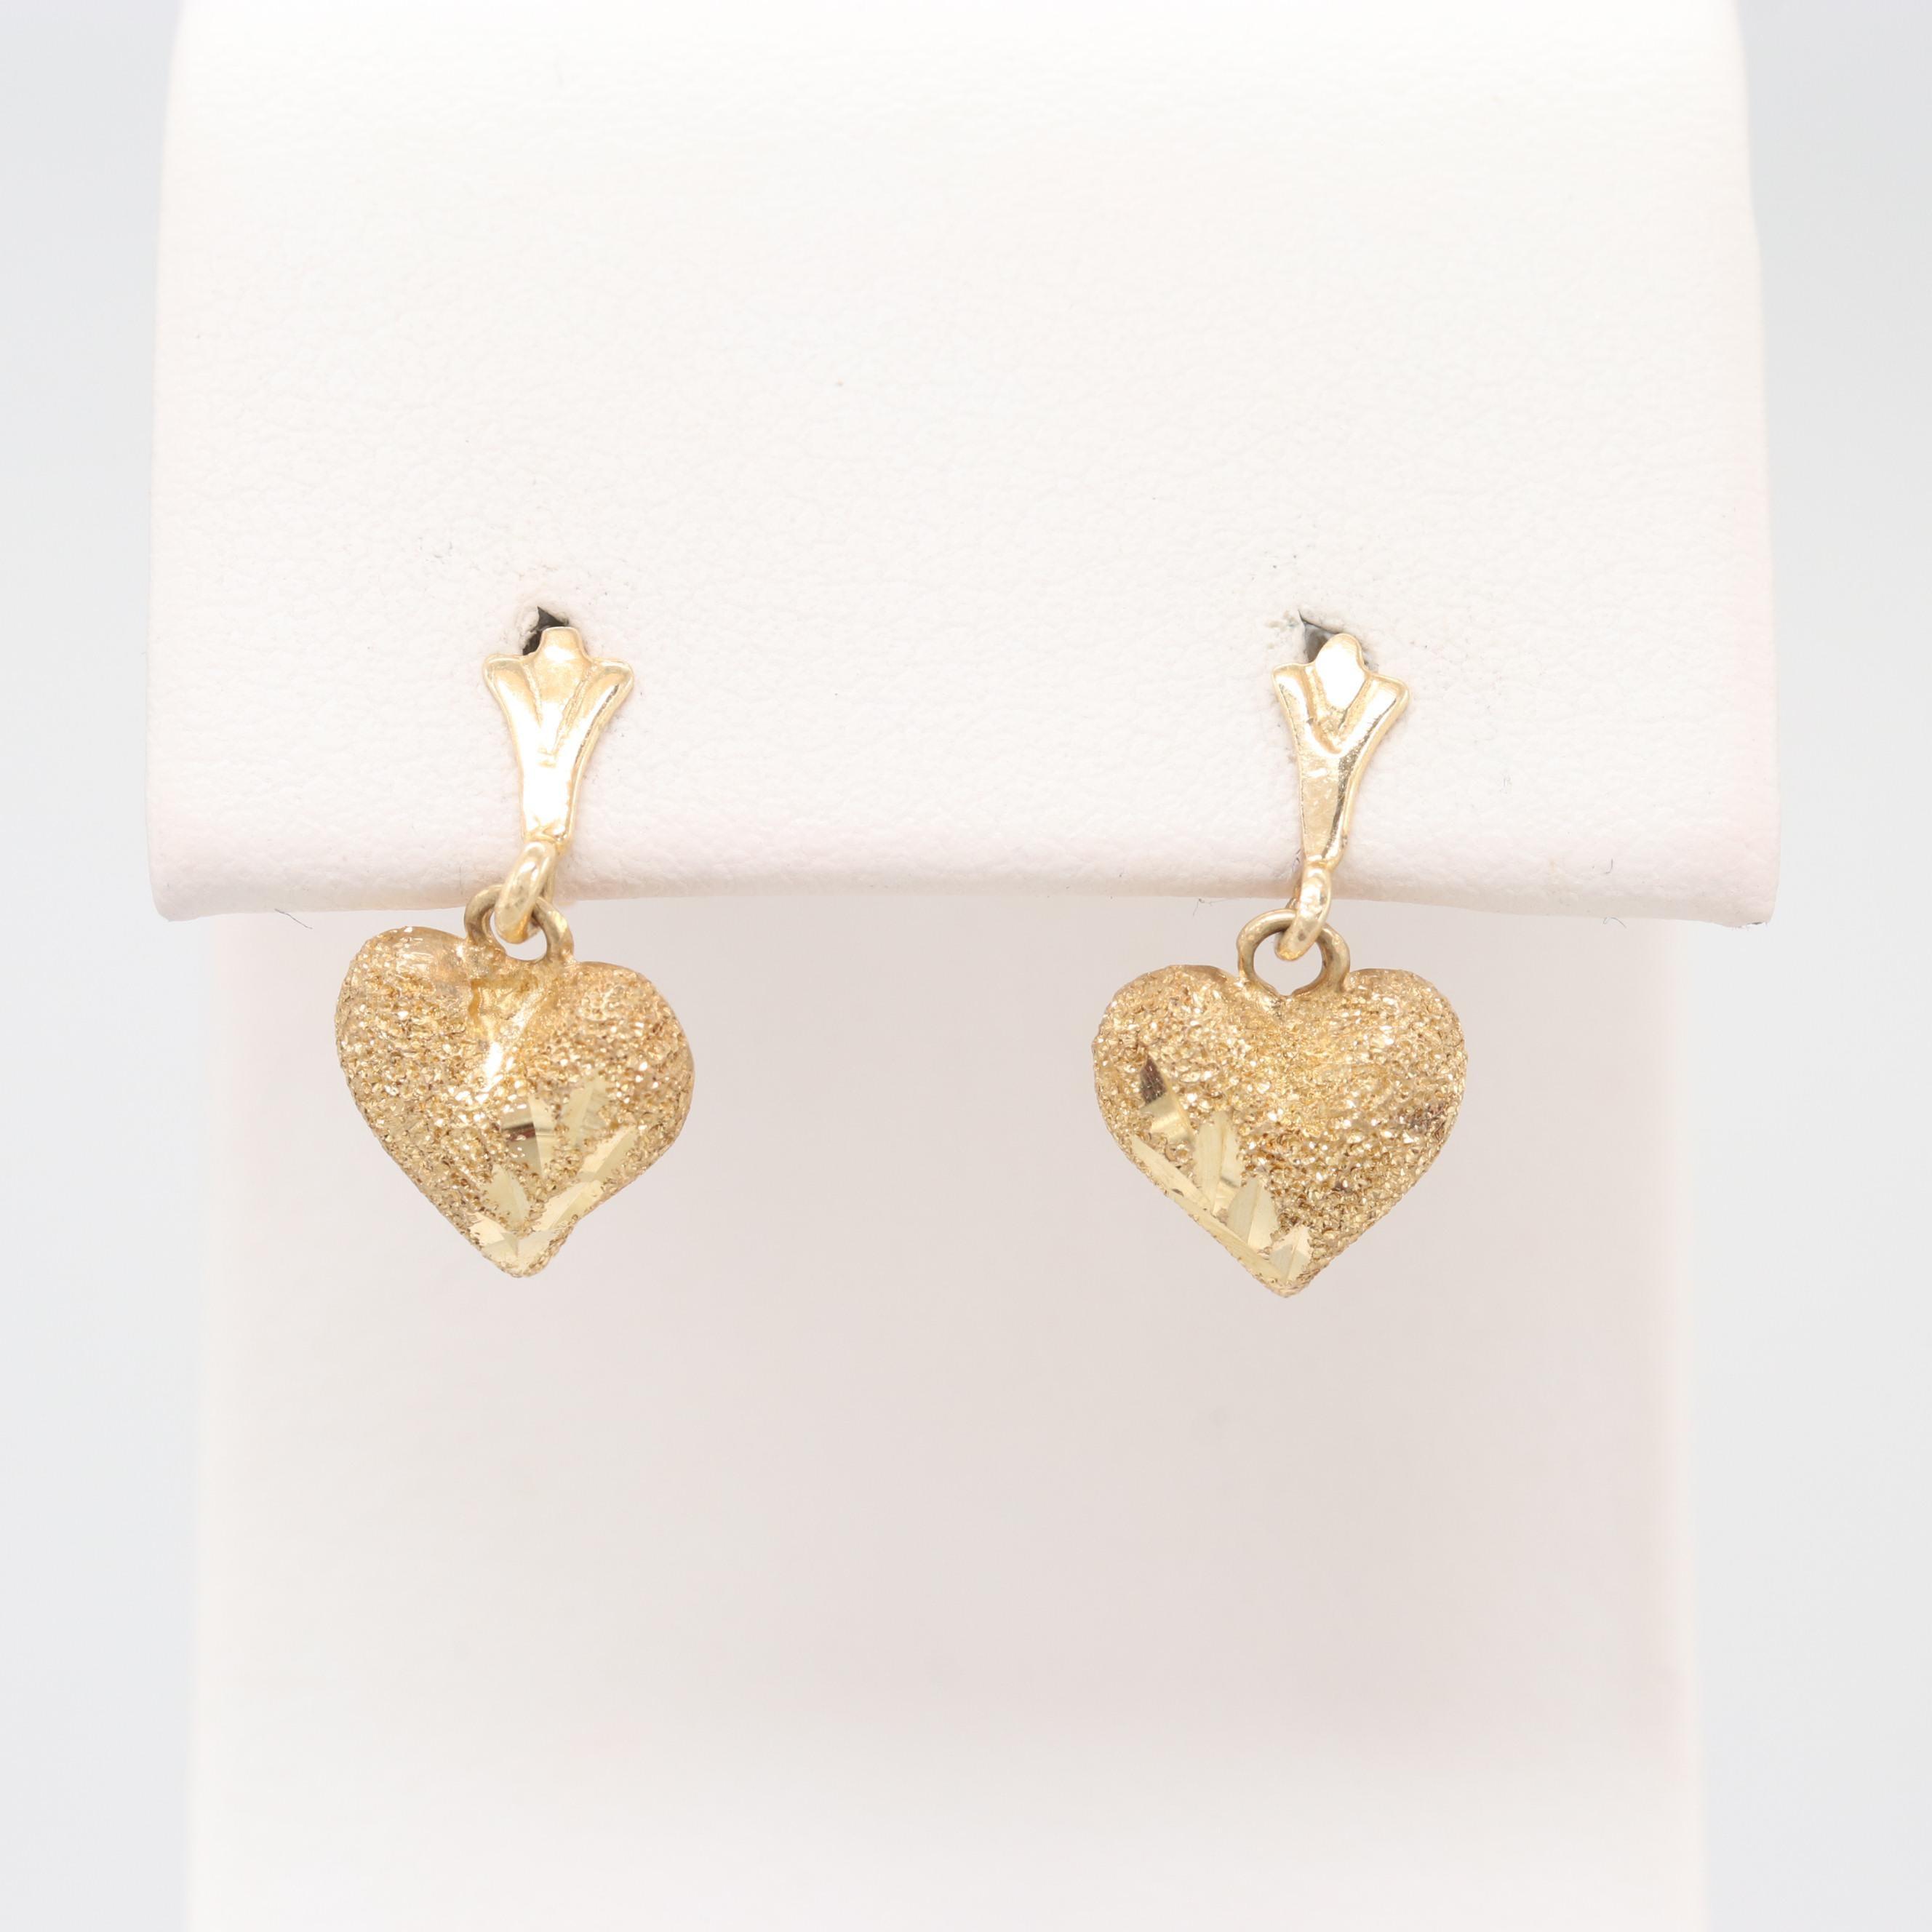 14K Yellow Gold Heart Dangle Earrings